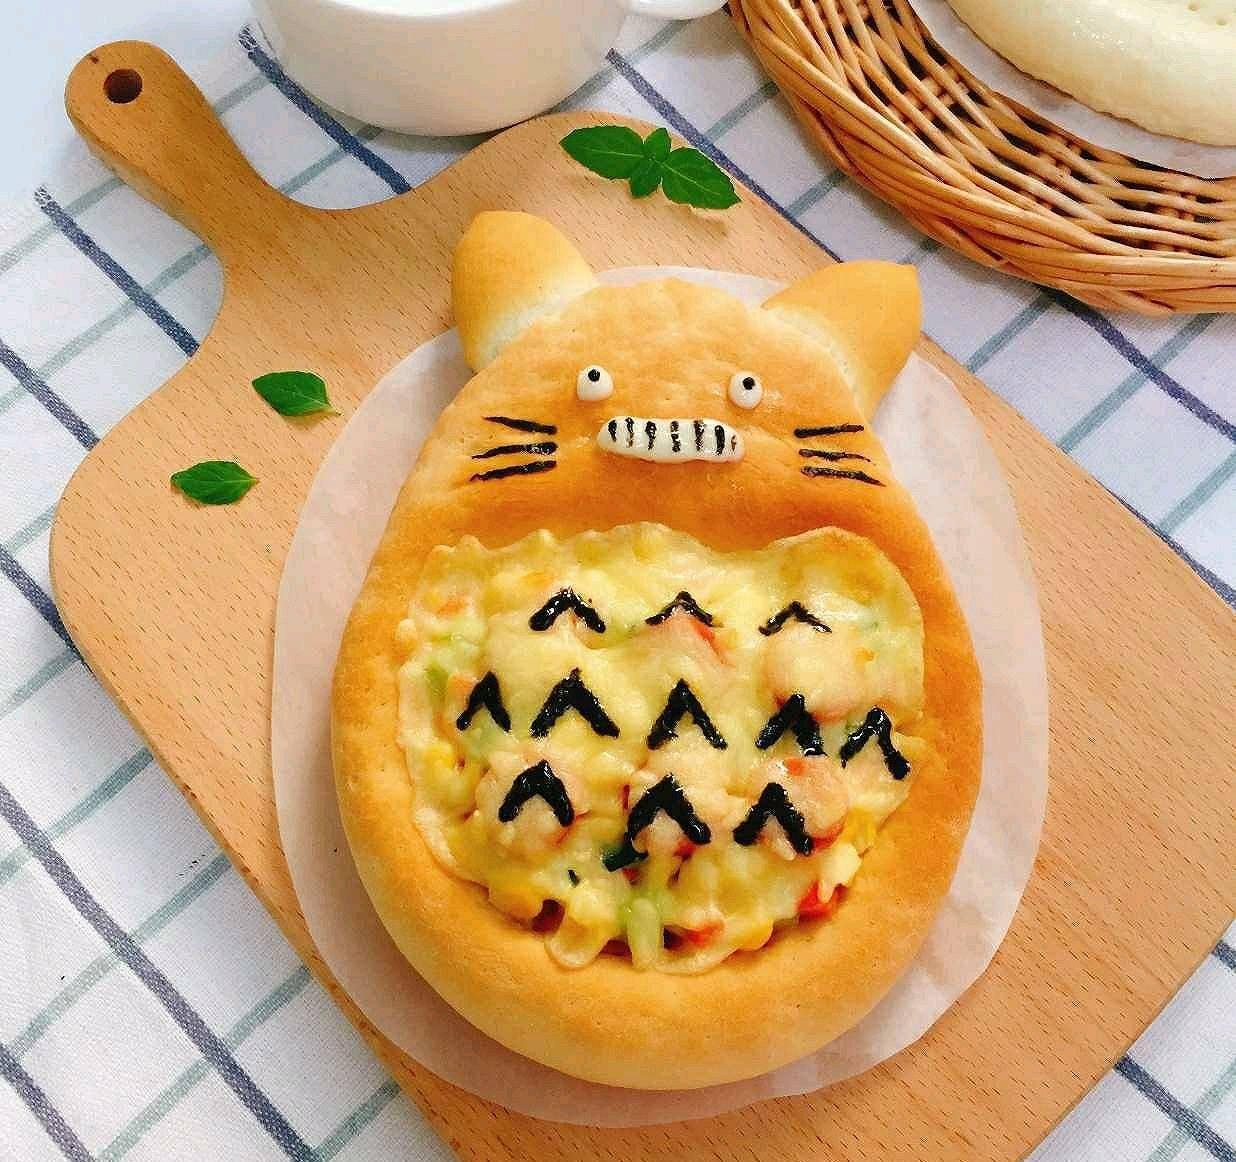 原婴儿食品补充剂【龙猫披萨】